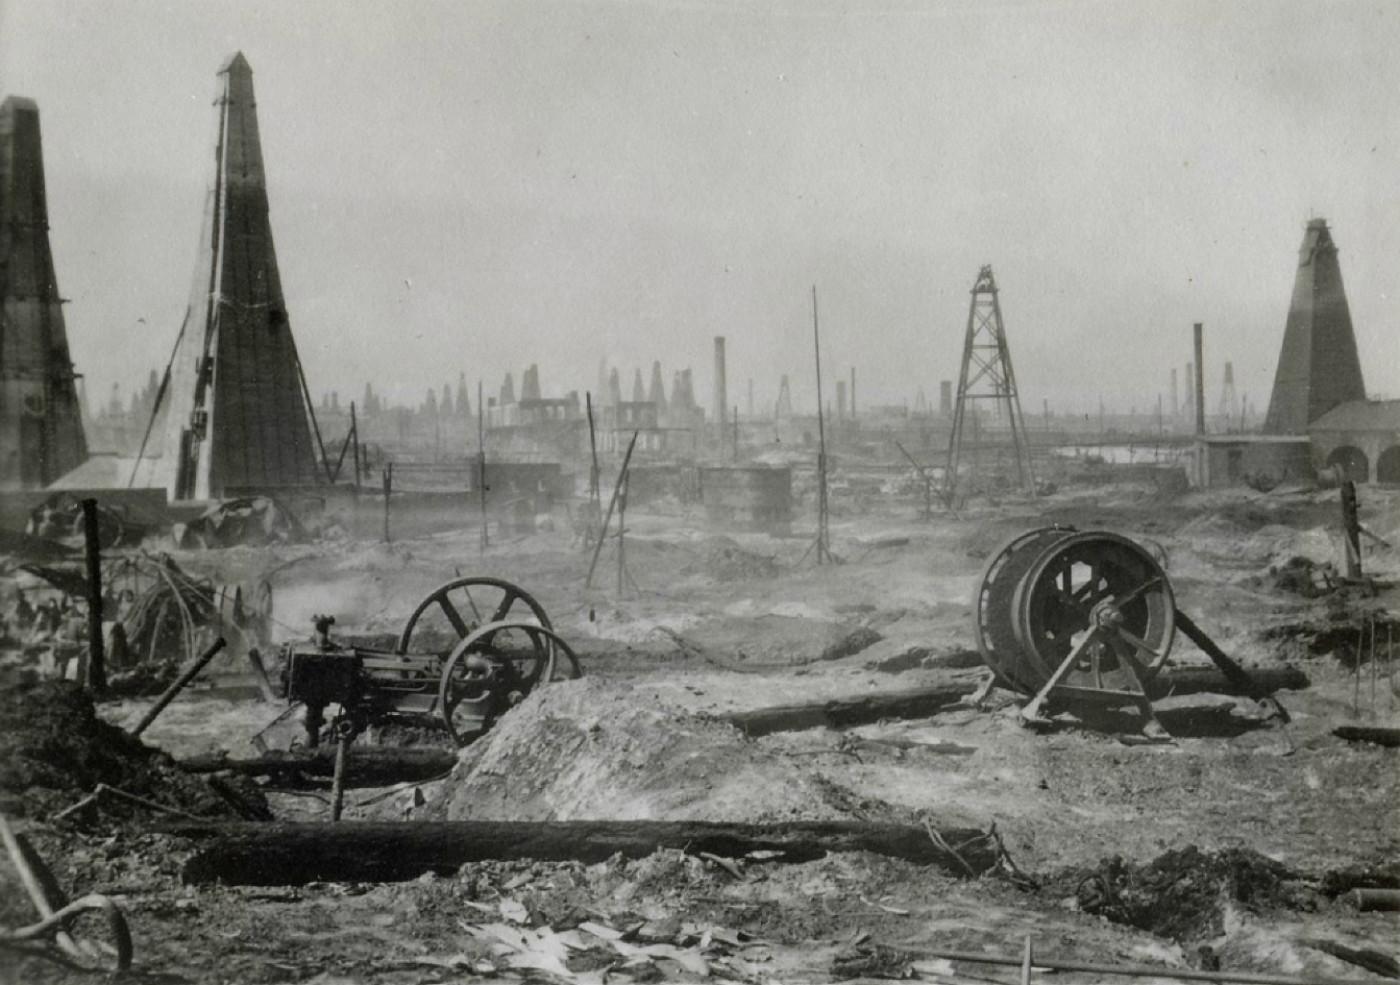 На території розміщувалось нафтове виробництво братів Нобель / Парк розваг з зоопарком на території озера Беюк-Шор